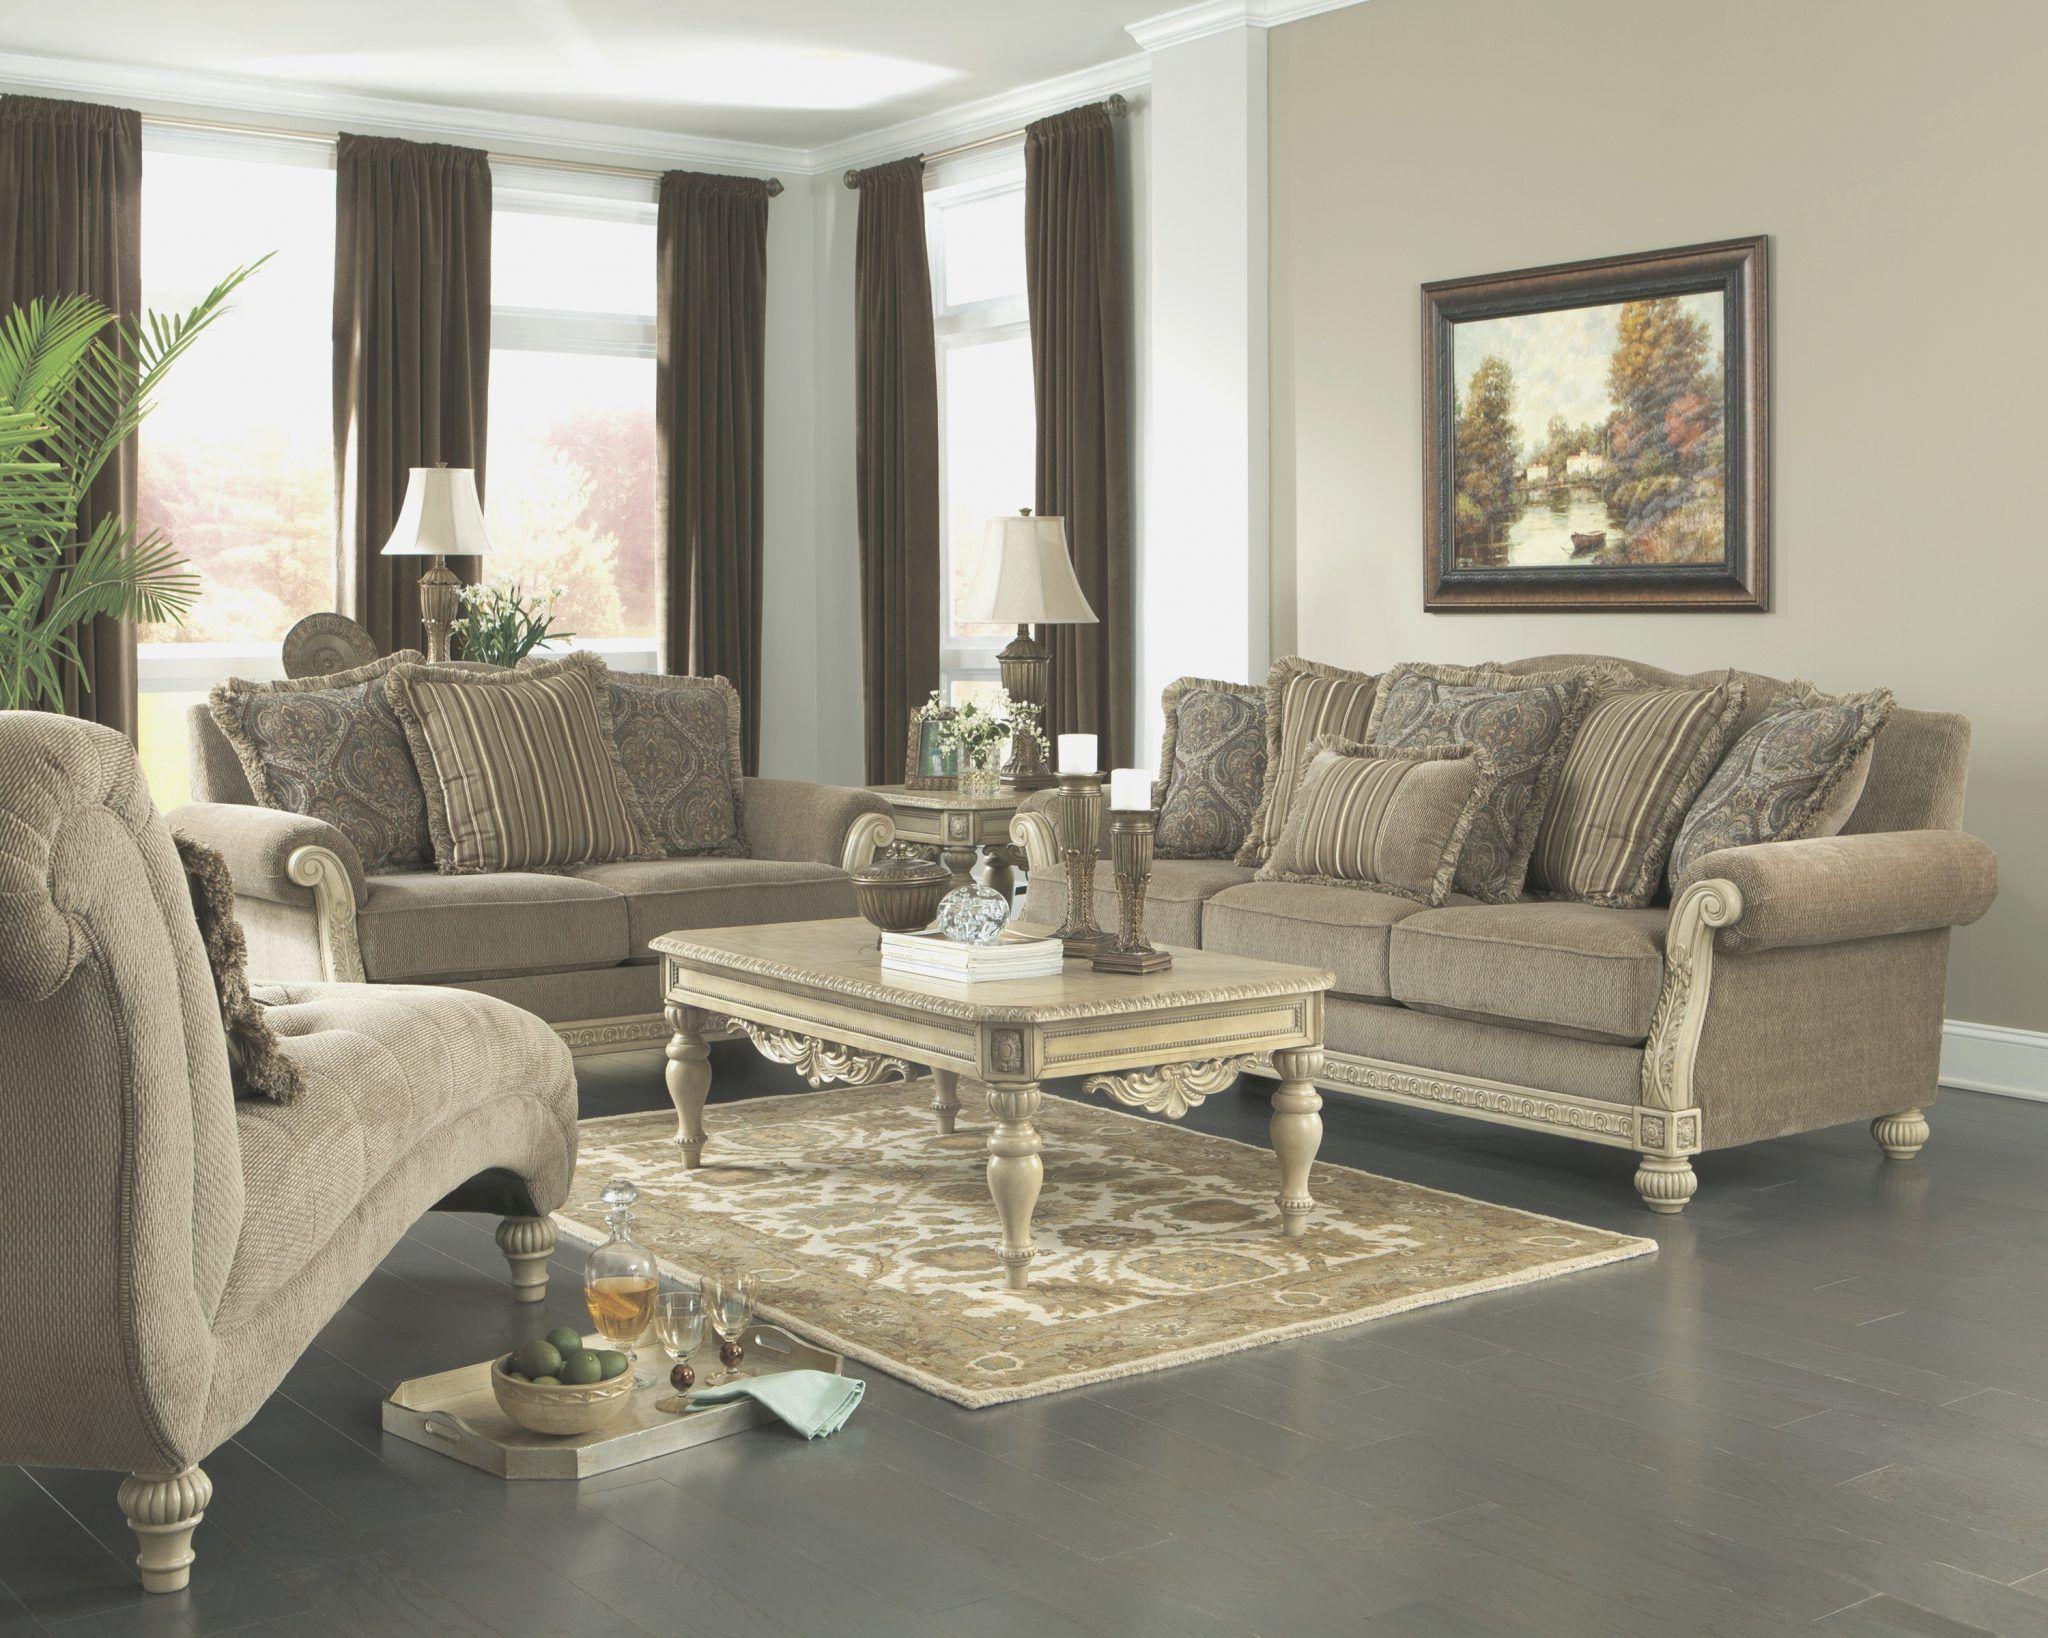 Ashleys Furniture Living Room Sets Living Room Sets Ashley